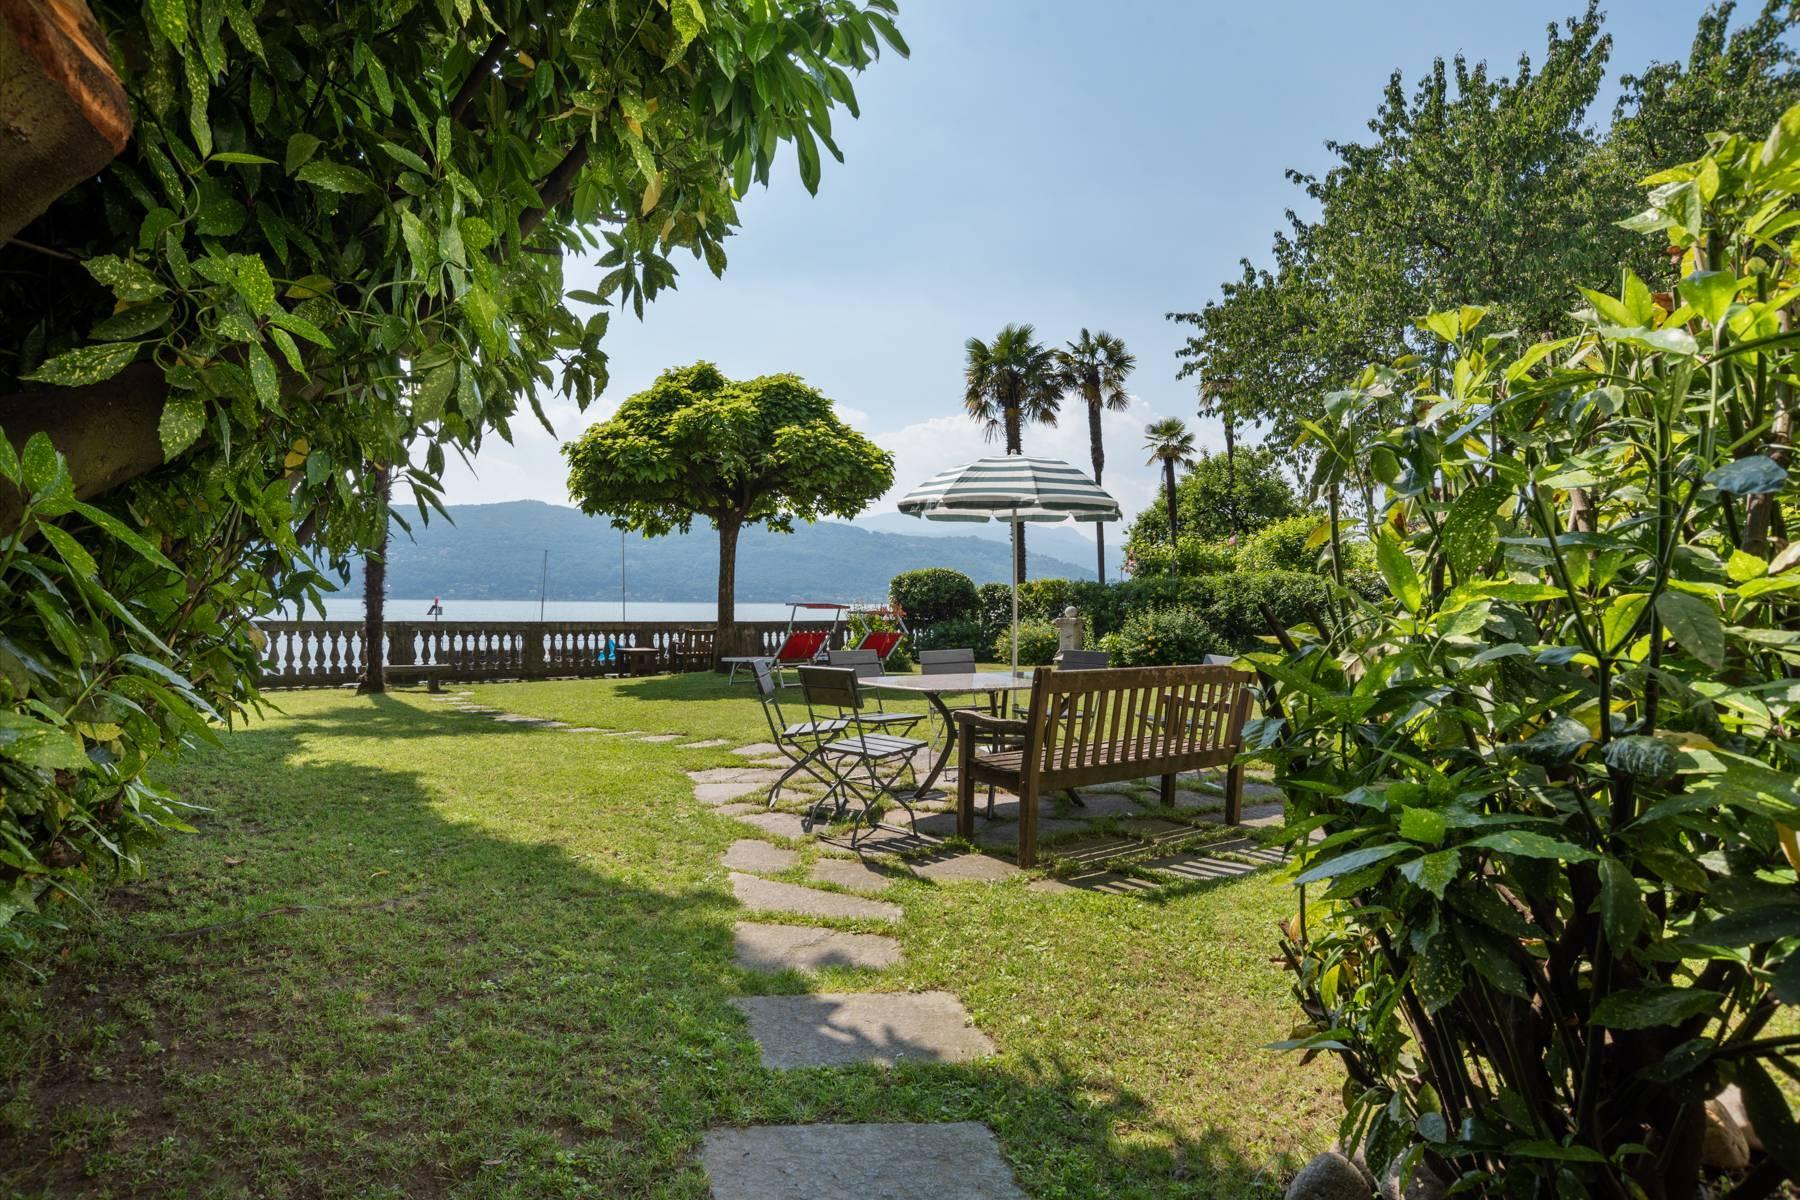 Casa storica direttamente sul lago Maggiore - 44